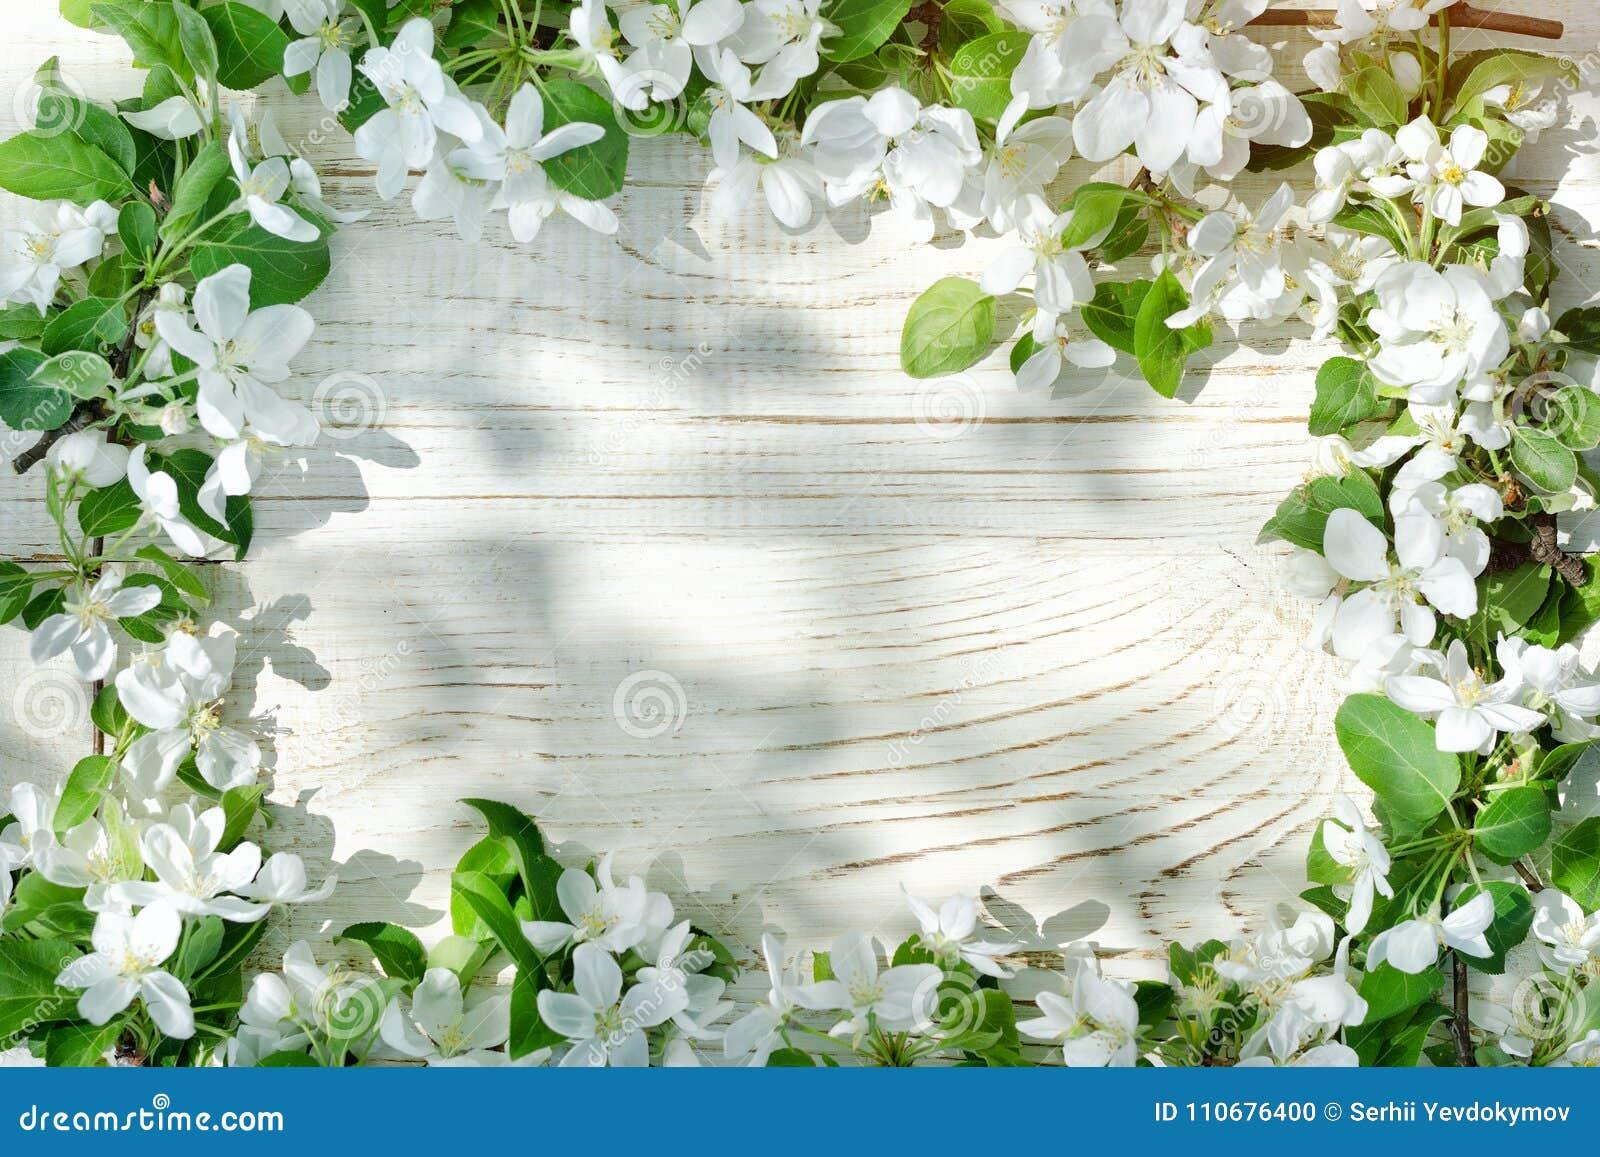 Fondo De Madera Vintage Con Flores Blancas Manzana Y: Fondo De Madera Blanco Flores De La Manzana Al Borde Del